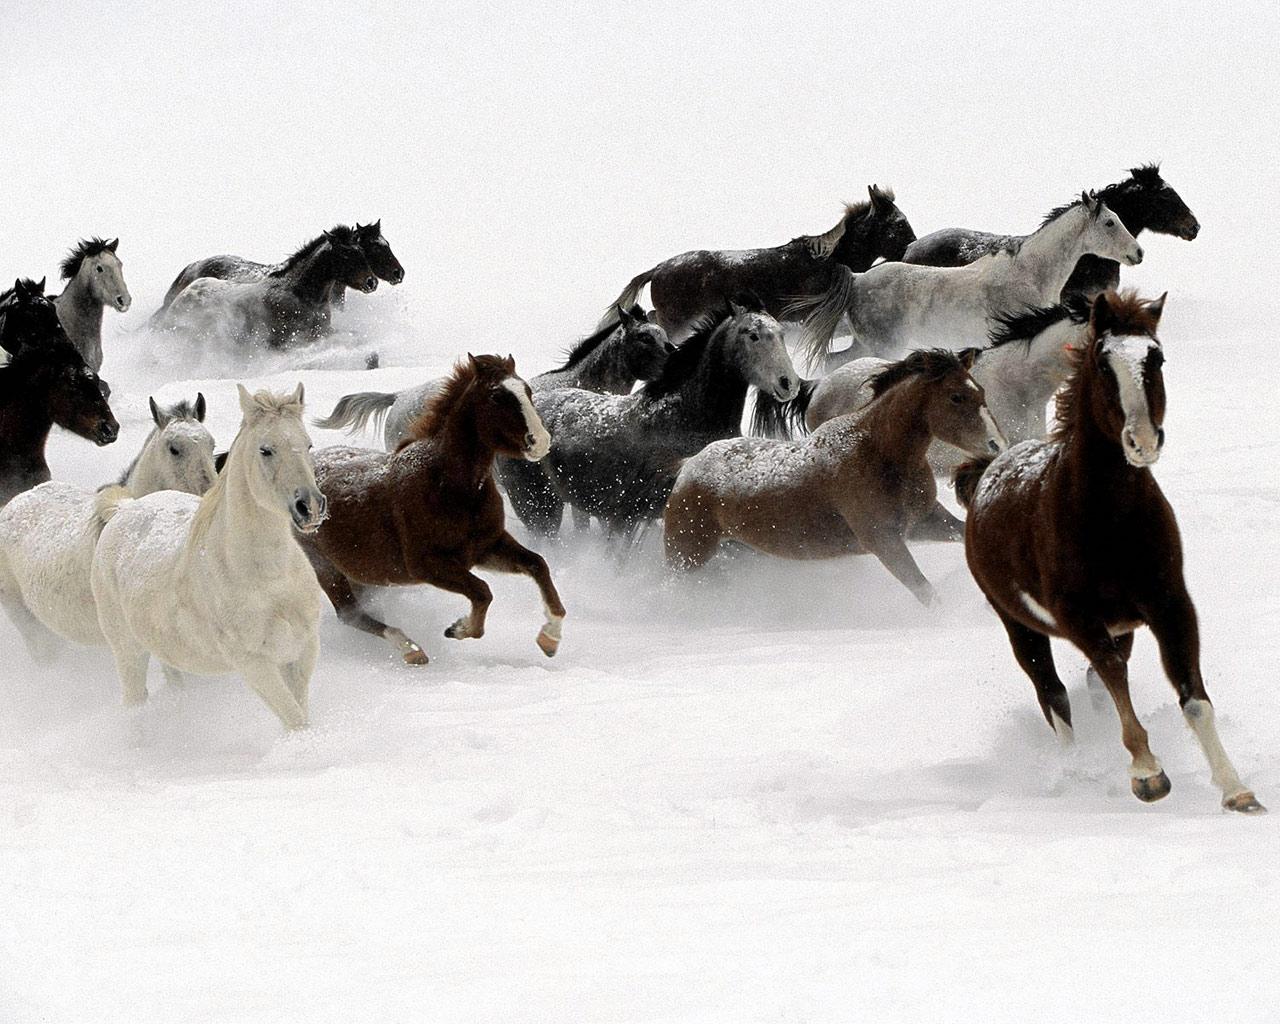 http://4.bp.blogspot.com/_sRGU_JXOz6E/TRfUi50StaI/AAAAAAAAAmQ/qSsbqBKBFeM/s1600/galloping-horse.jpg